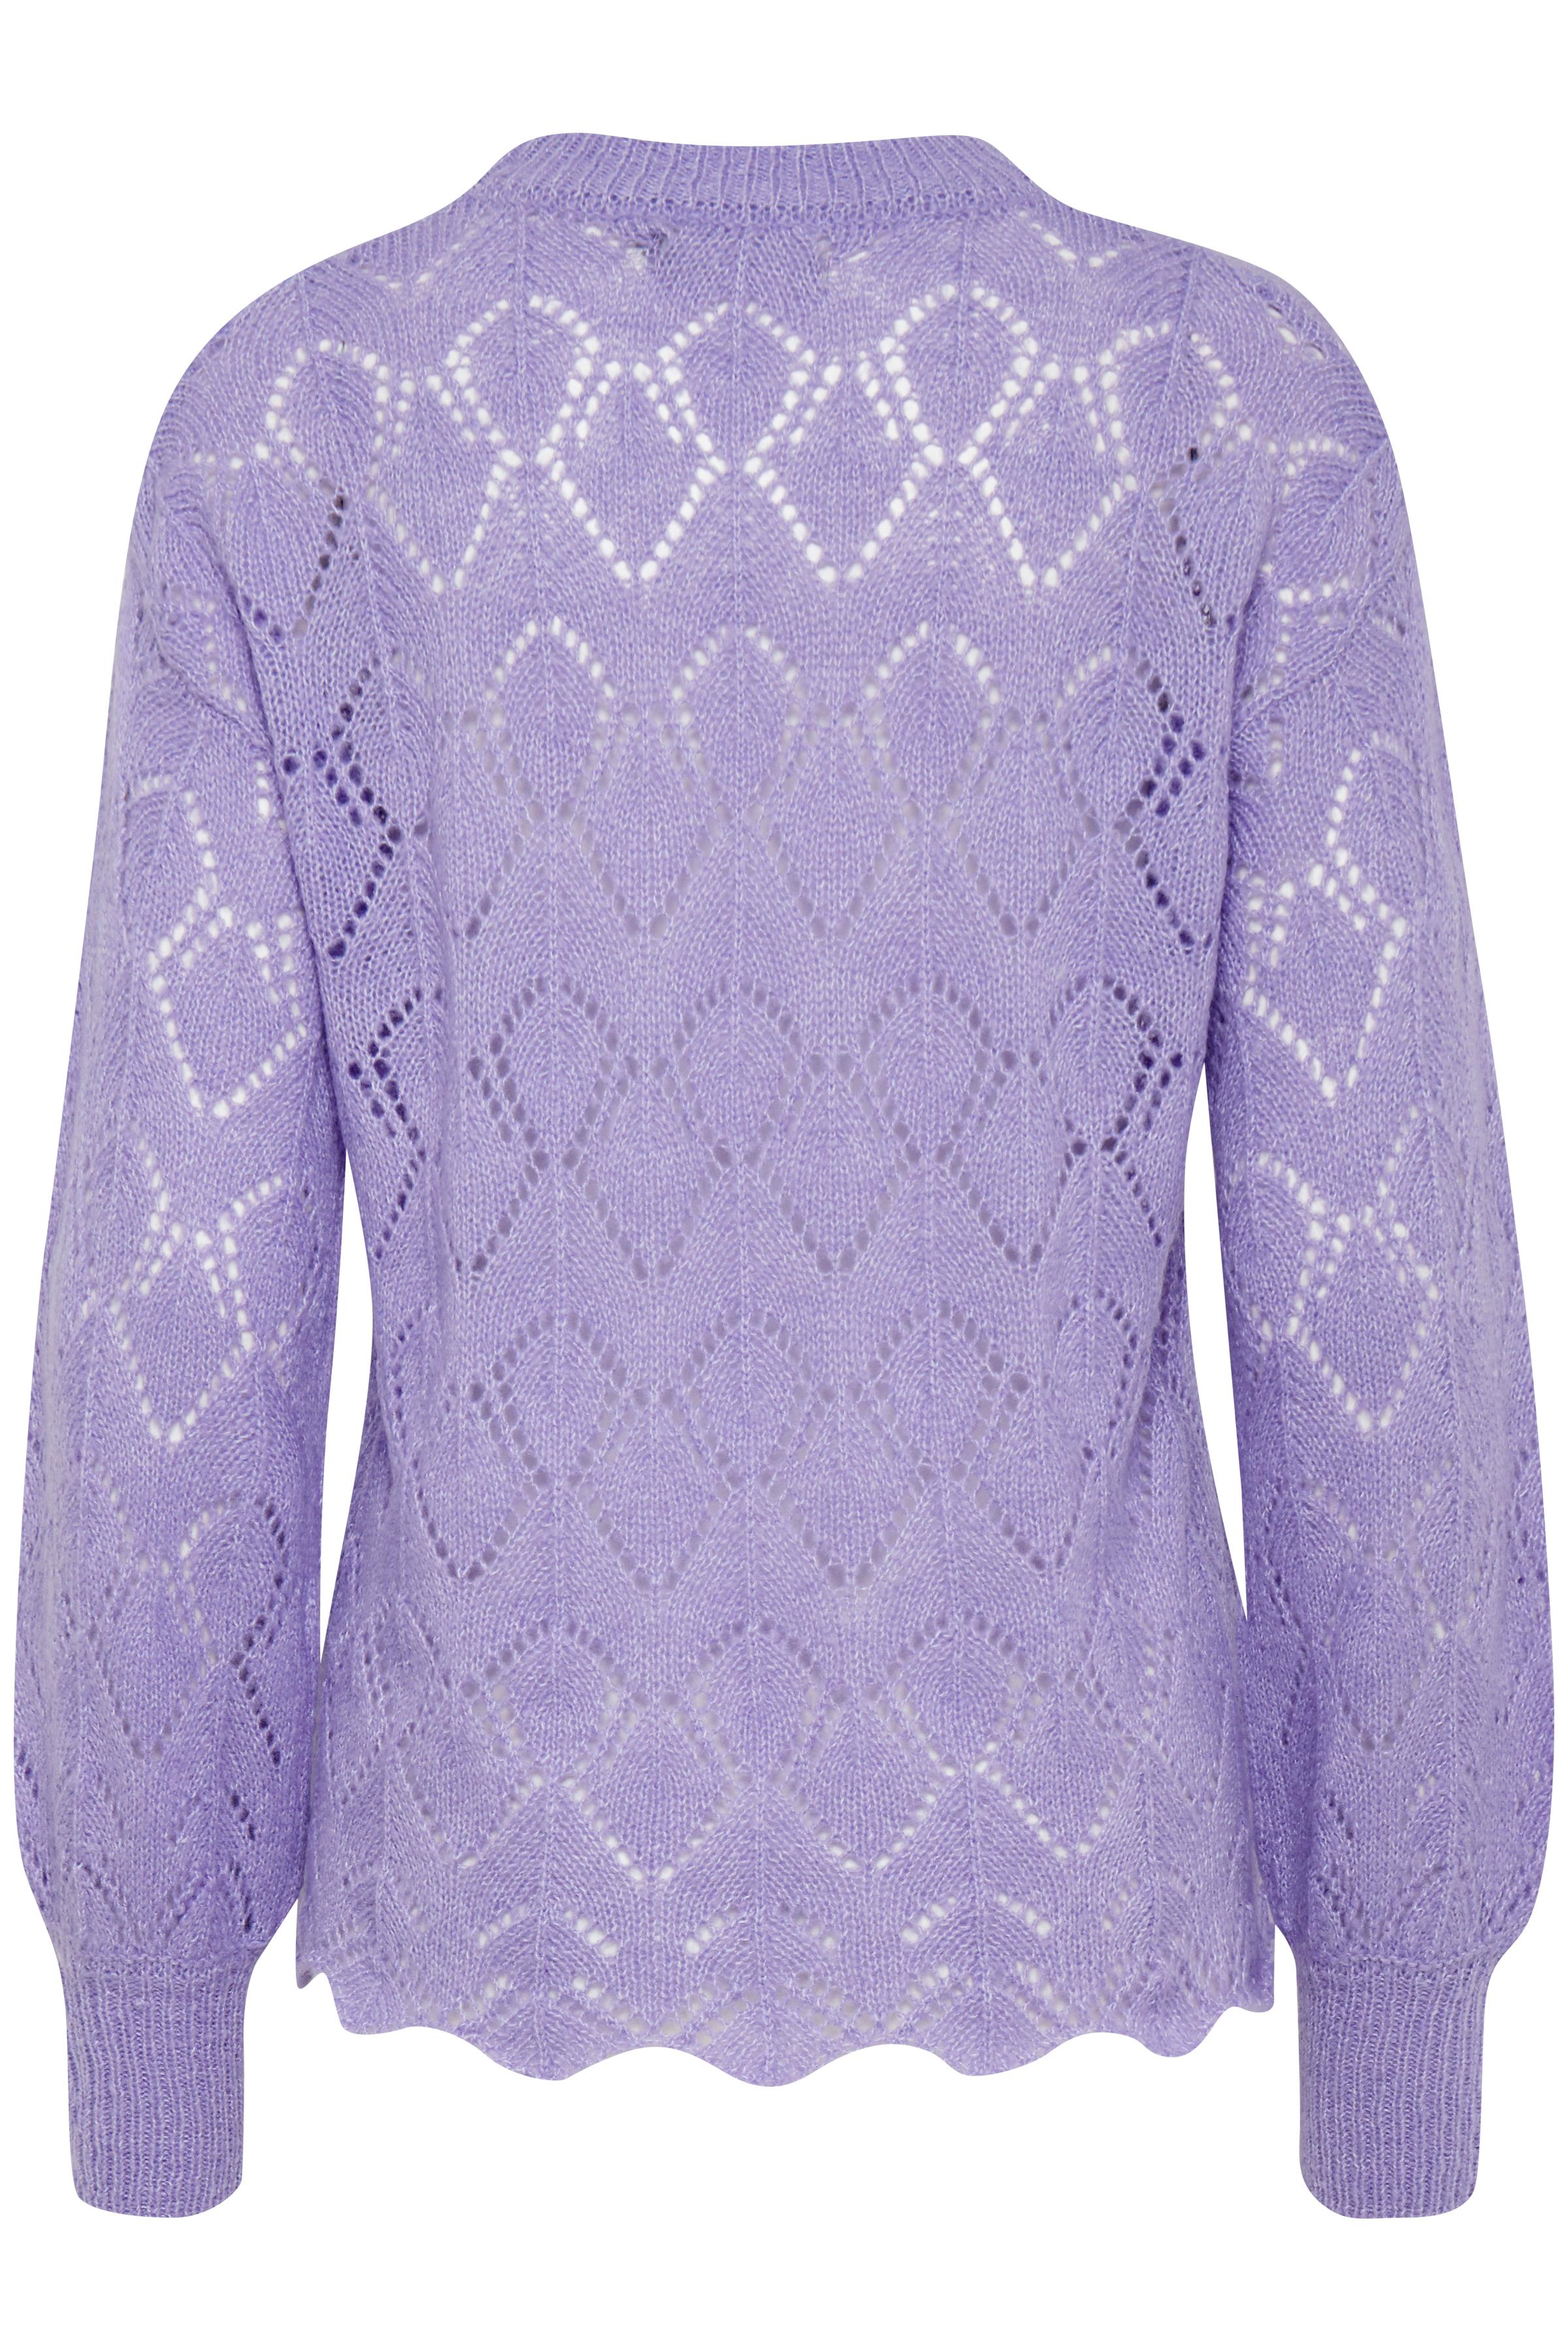 Violet Tulip Mel. Stickad pullover från b.young – Köp Violet Tulip Mel. Stickad pullover från storlek XS-XXL här